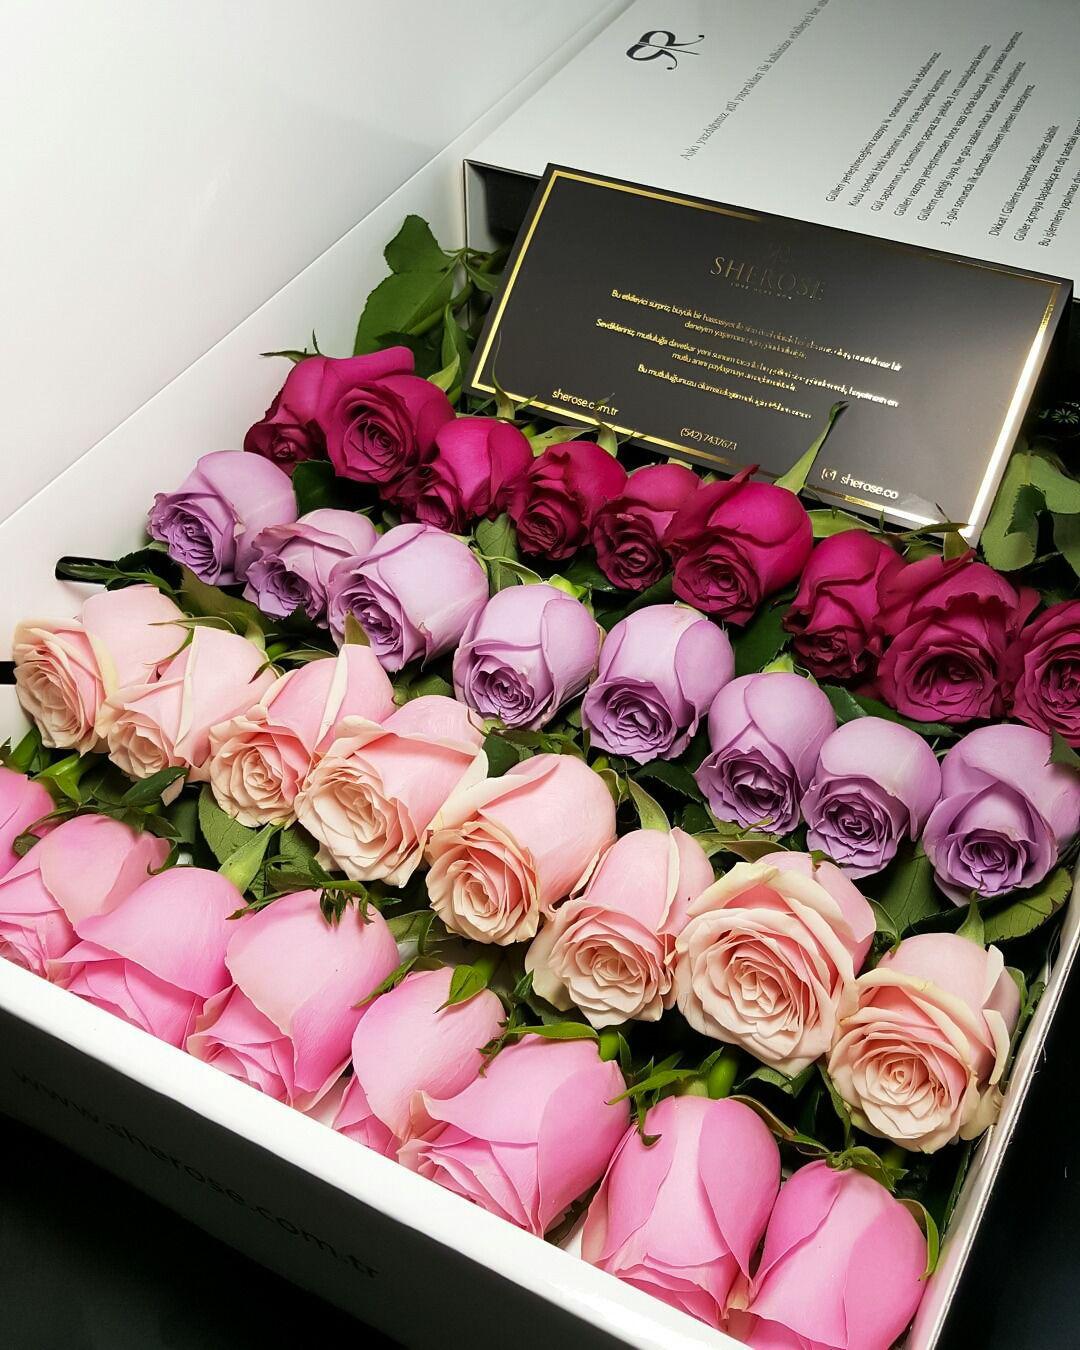 Las 20 Fotografías De Flores Más Hermosas E Impactantes Del